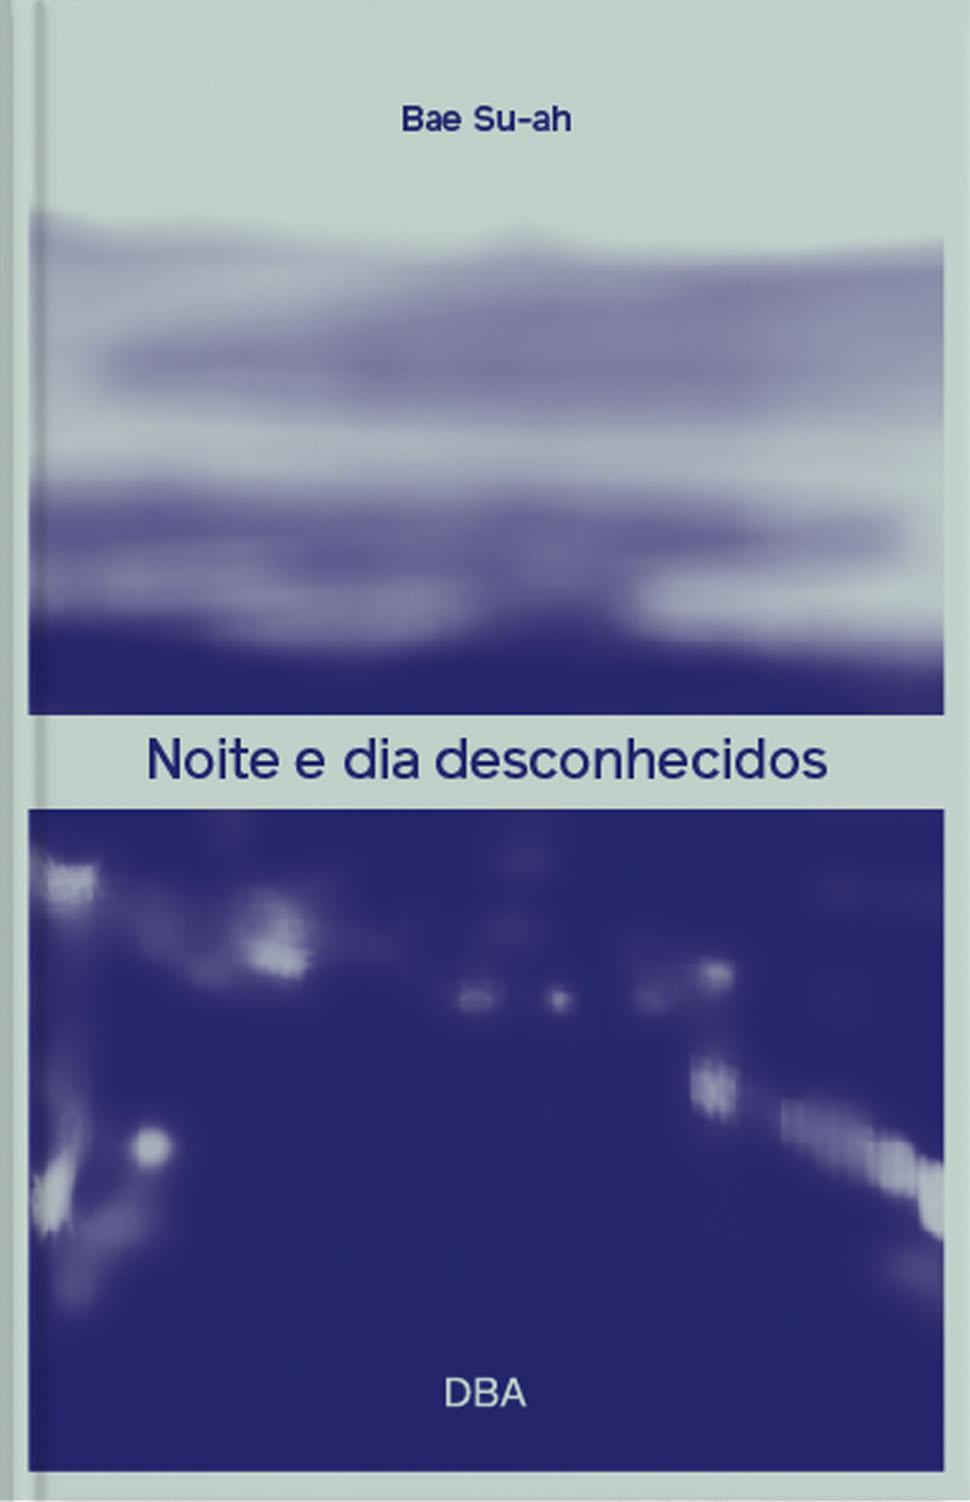 Noite e dia desconhecidos